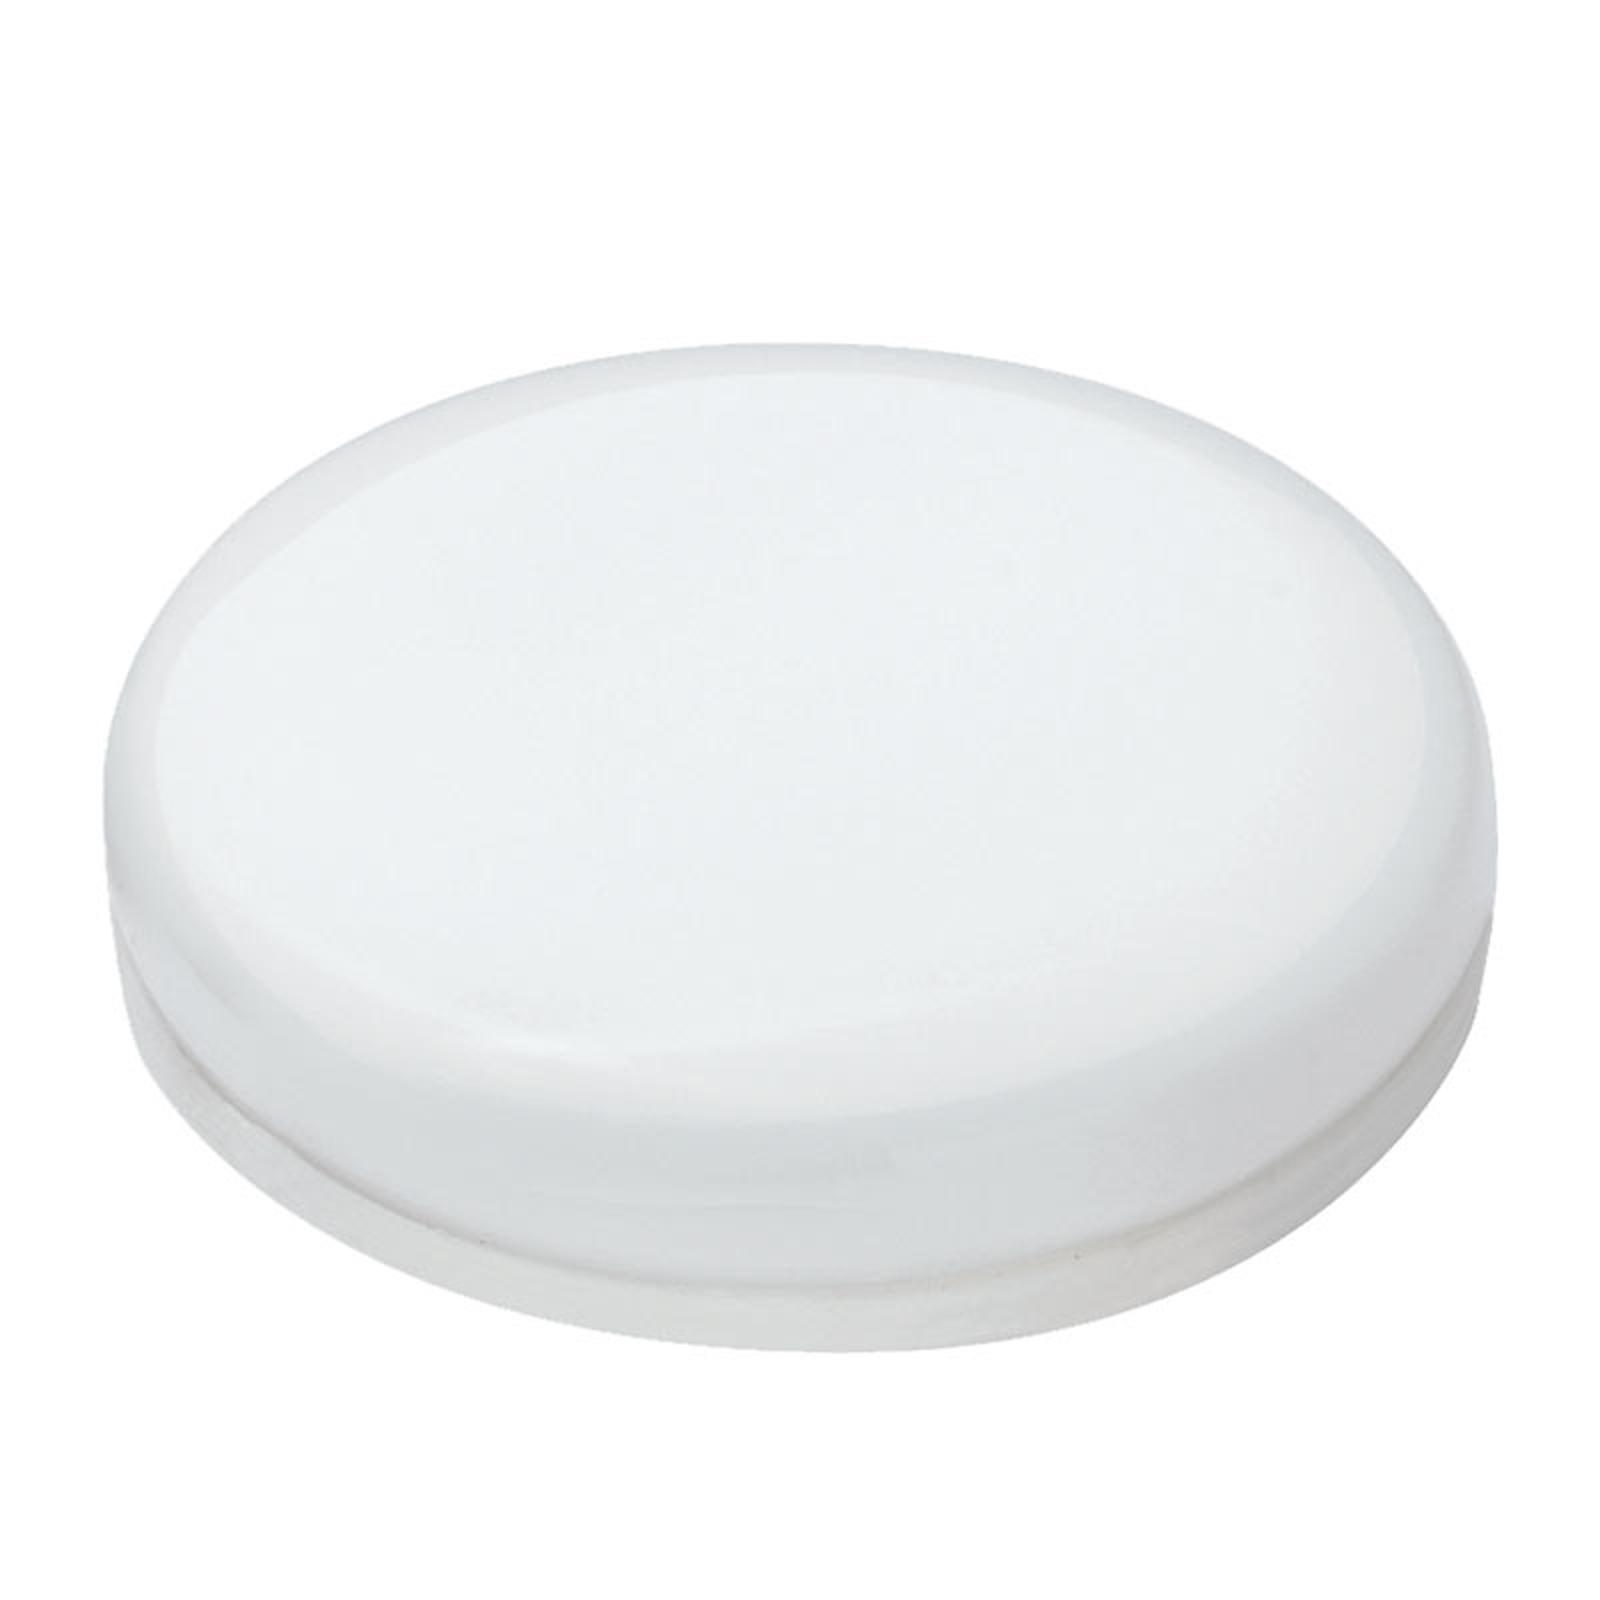 Żarówka LED GX53 6W ciepła biel, ściemniana